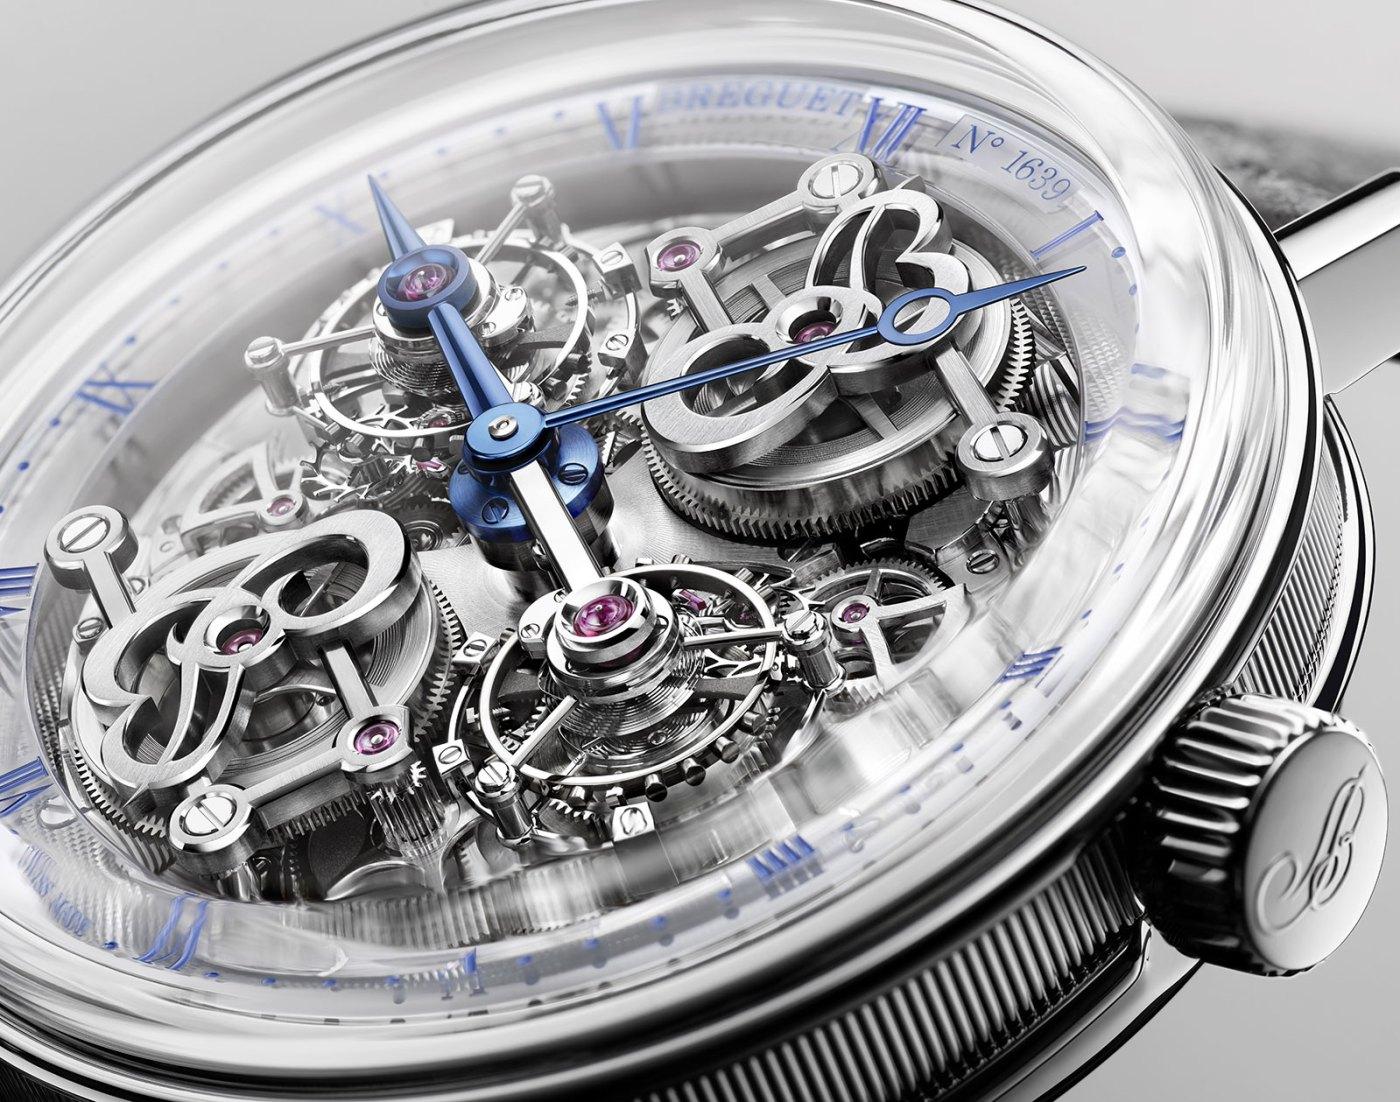 Breguet Classique Double Tourbillon 5345 Quai de l'Horloge close-up